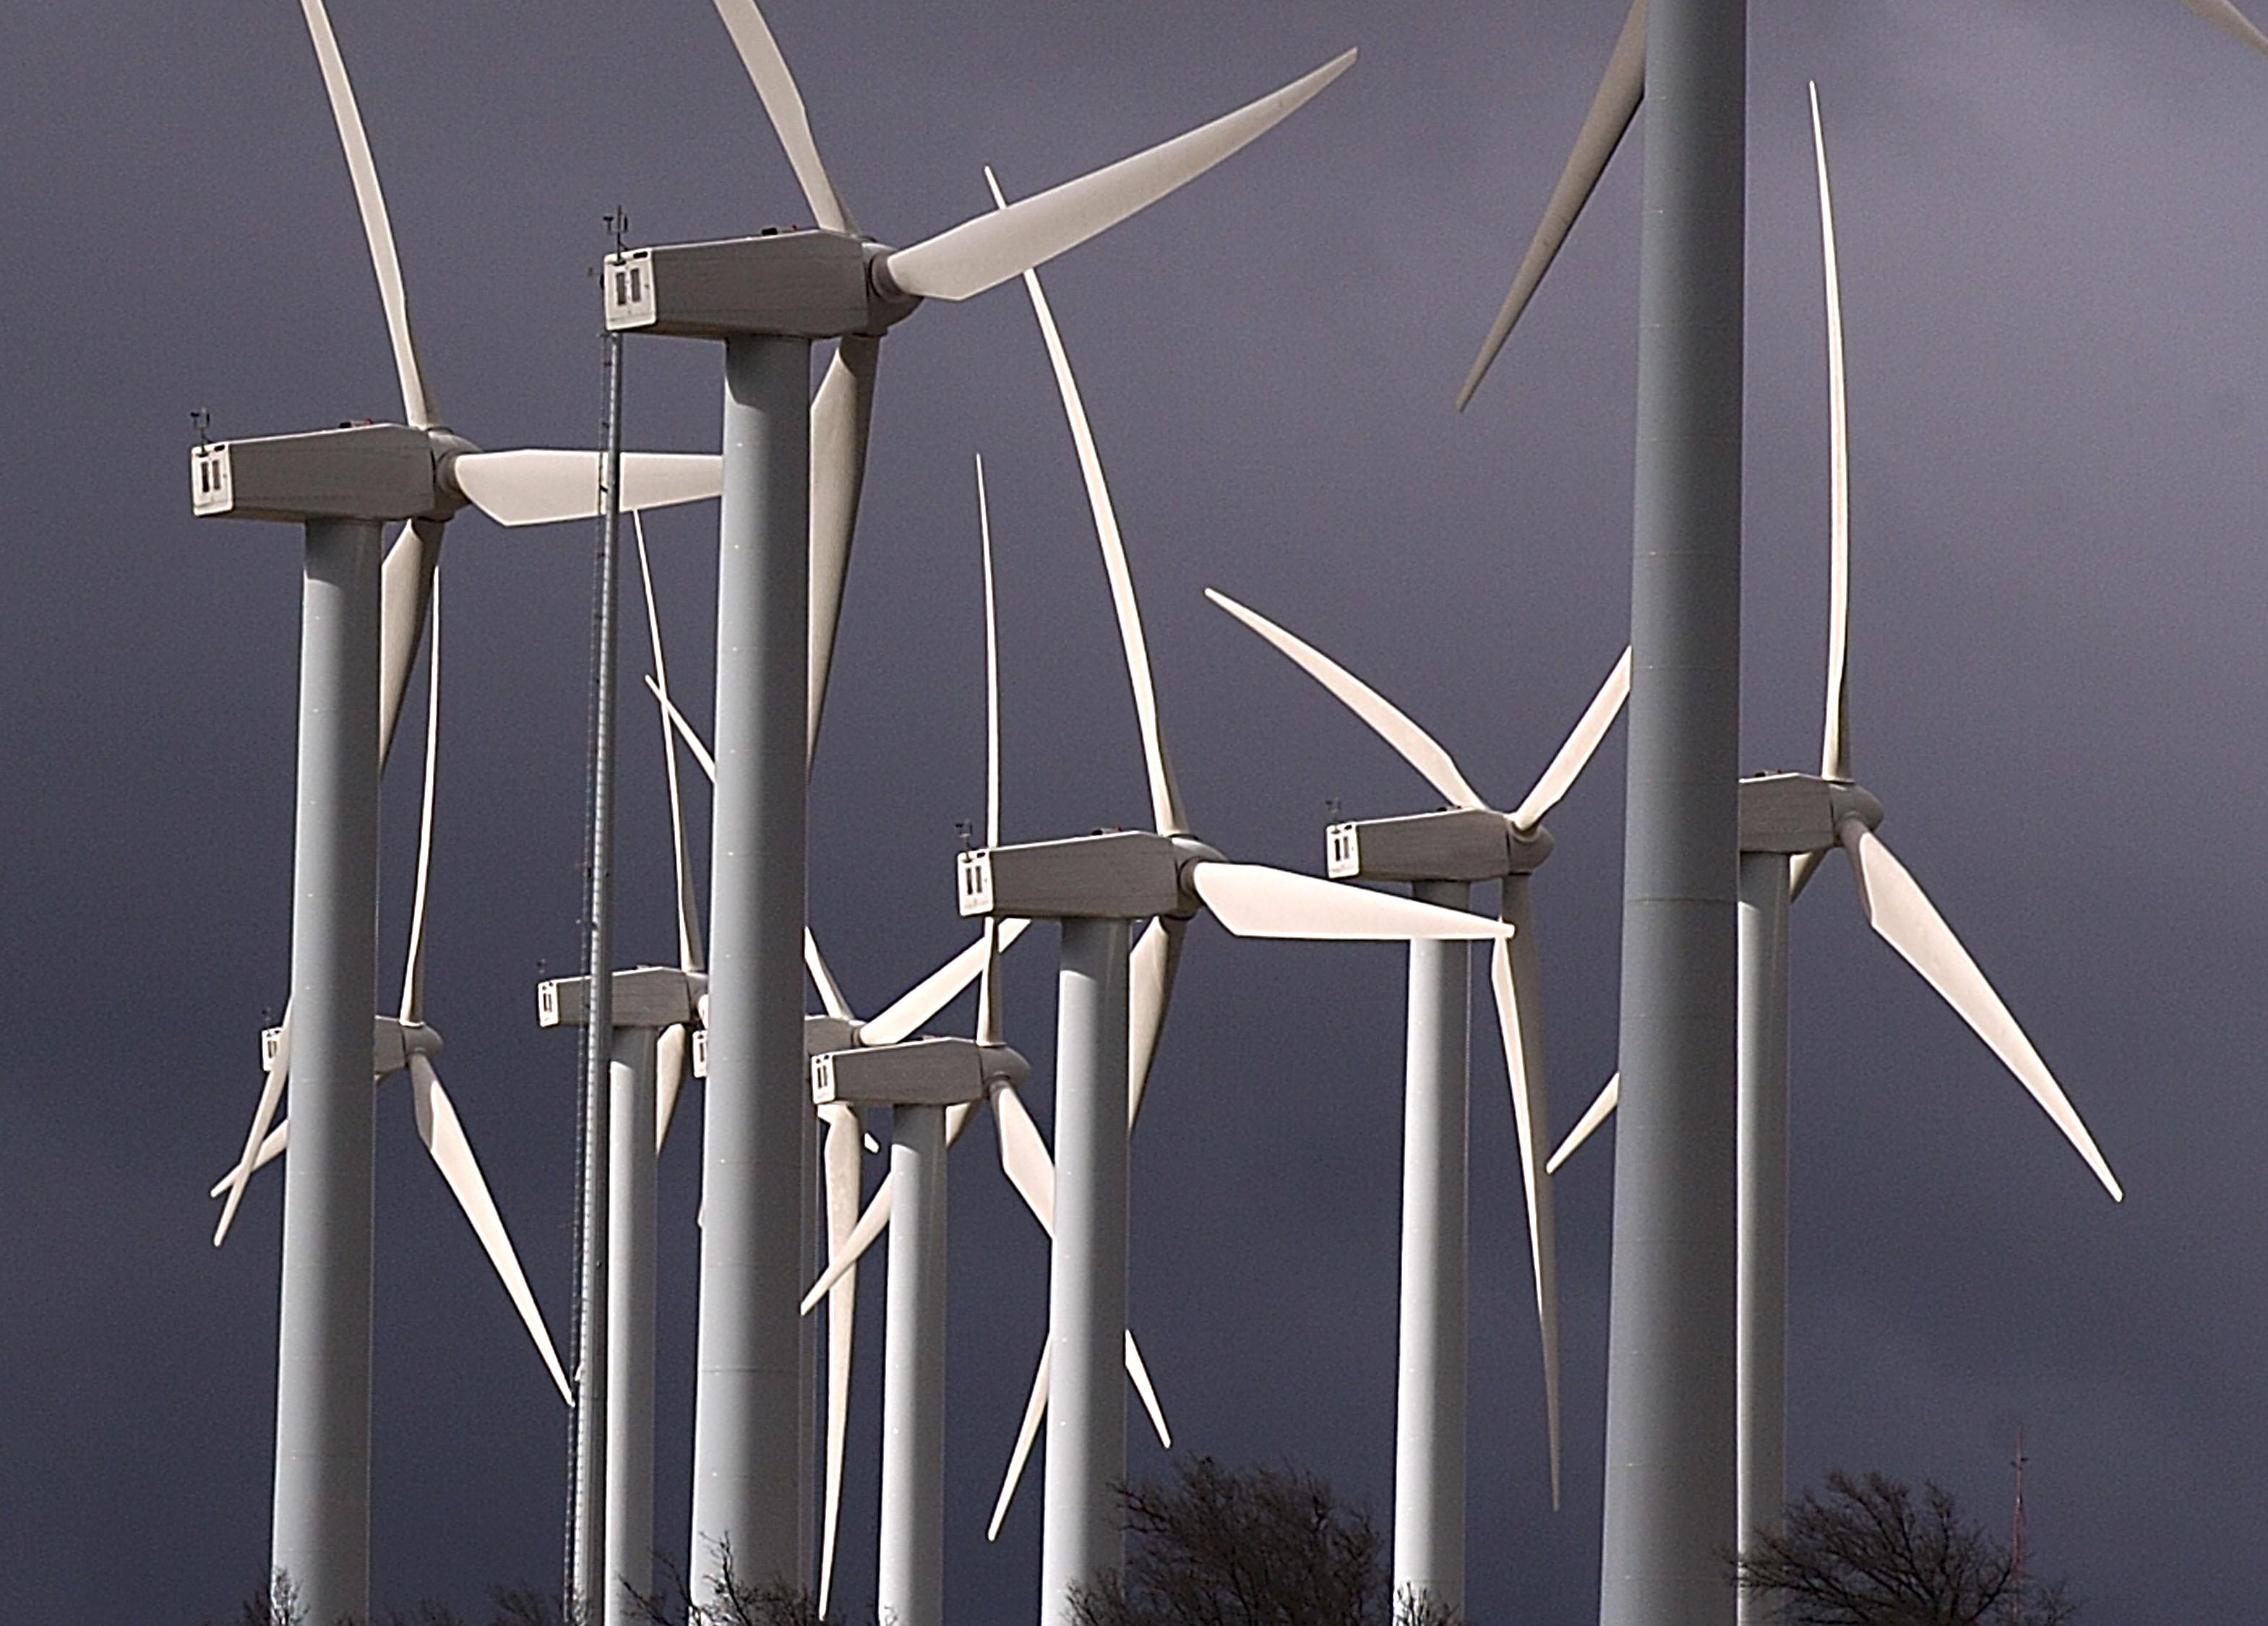 El III Plan Energético de Navarra Horizonte 2020 prevé invertir 986 millones de euros y generar 6.300 empleos